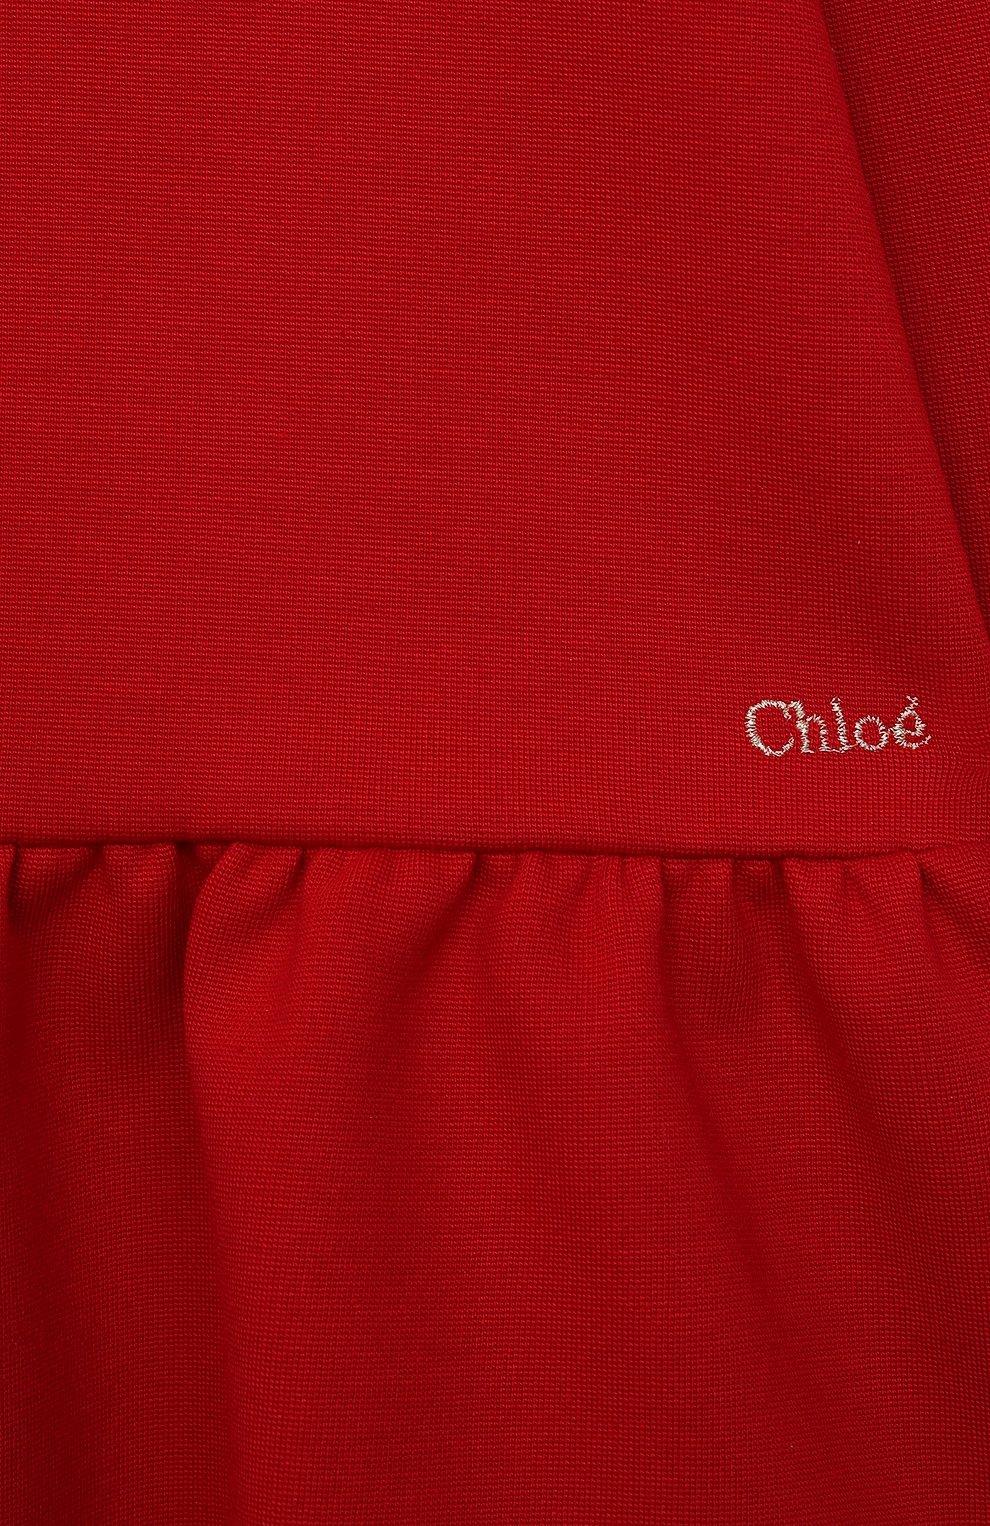 Детское платье CHLOÉ красного цвета, арт. C02300 | Фото 3 (Рукава: Короткие; Случай: Повседневный; Материал внешний: Синтетический материал, Хлопок; Девочки Кросс-КТ: Платье-одежда; Ростовка одежда: 12 мес | 80 см, 18 мес | 86 см, 2 года | 92 см, 3 года | 98 см, 9 мес | 74 см)